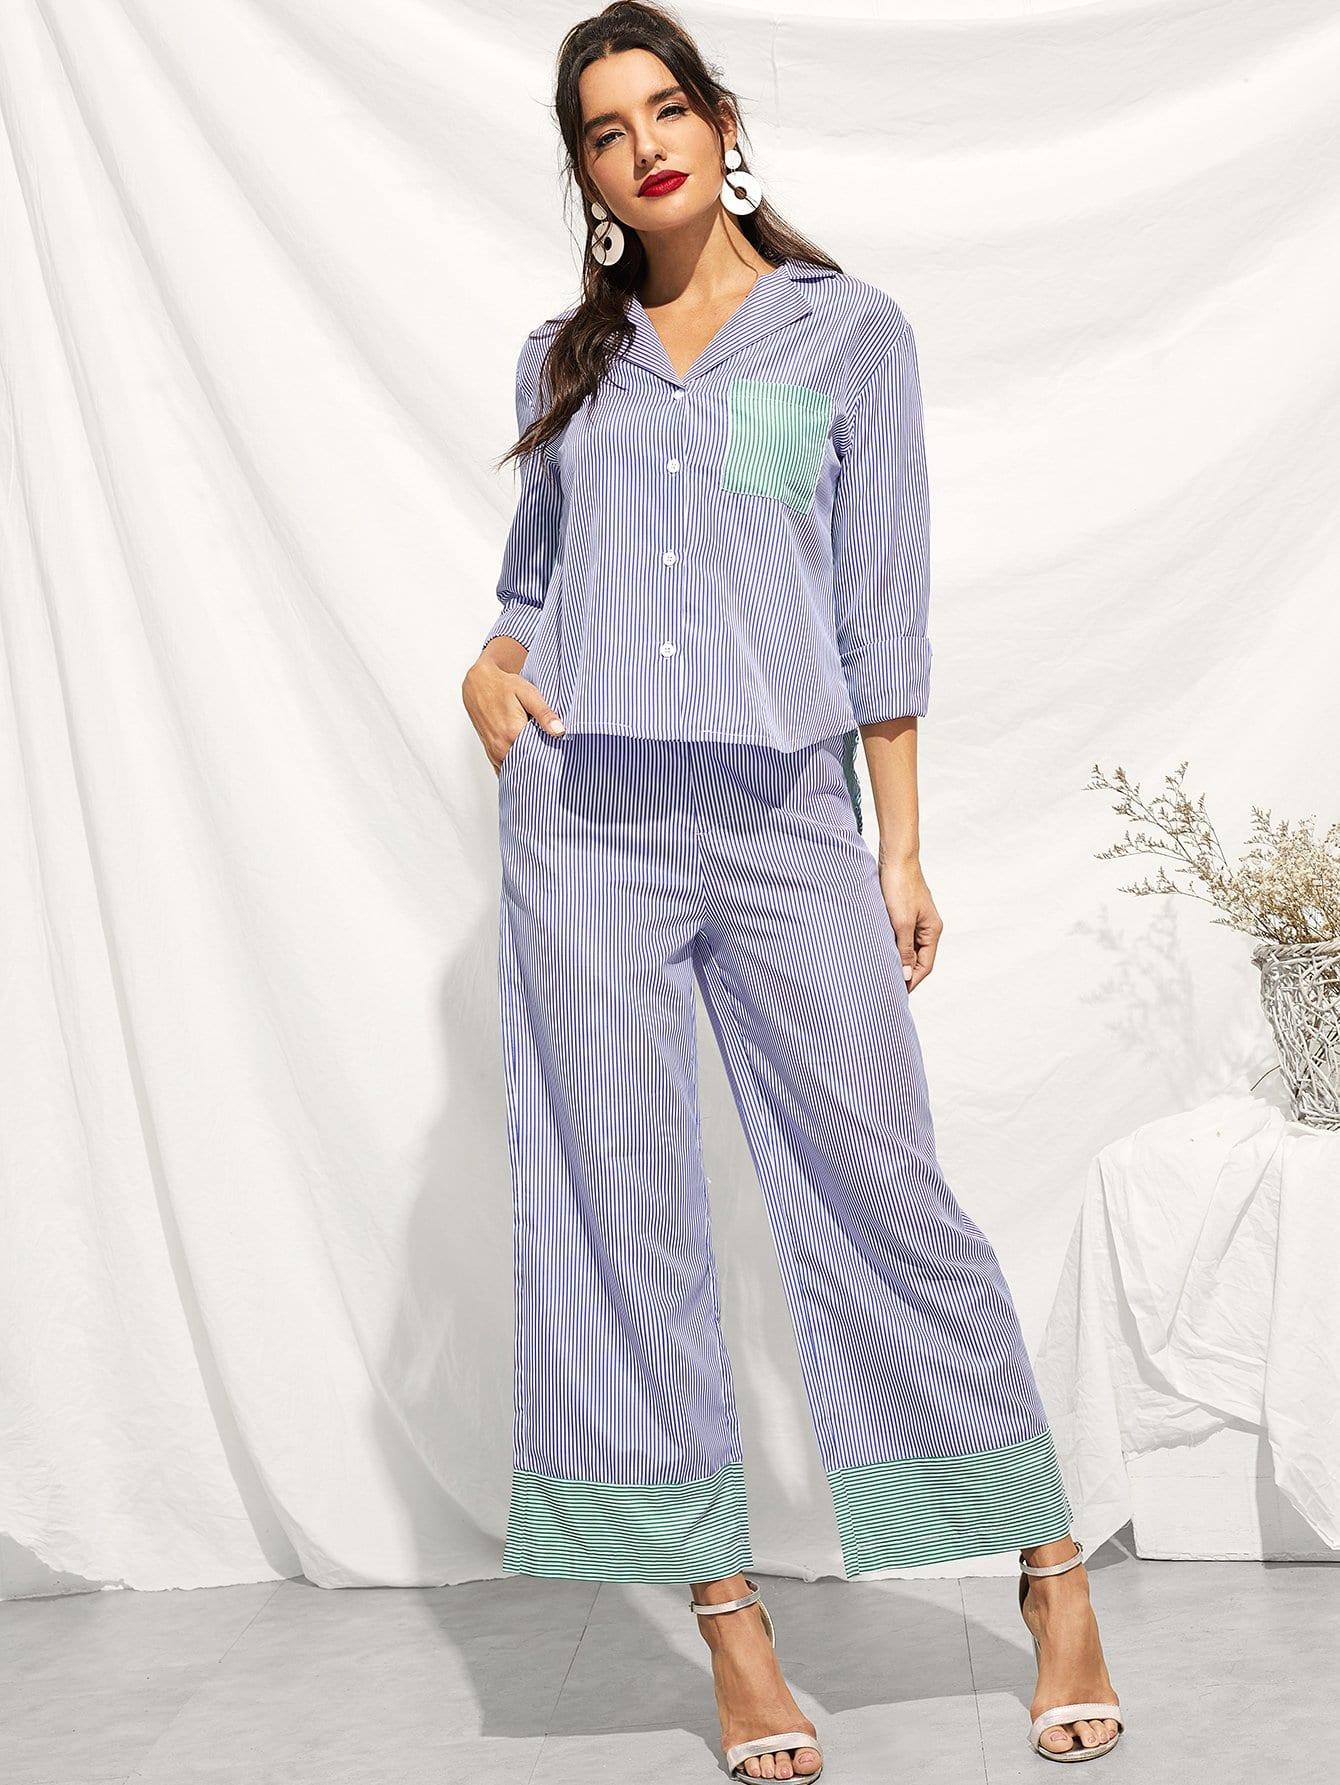 Фото - Полосатая блуза с карманом и полосатые широкие ножные штаны от SheIn синего цвета